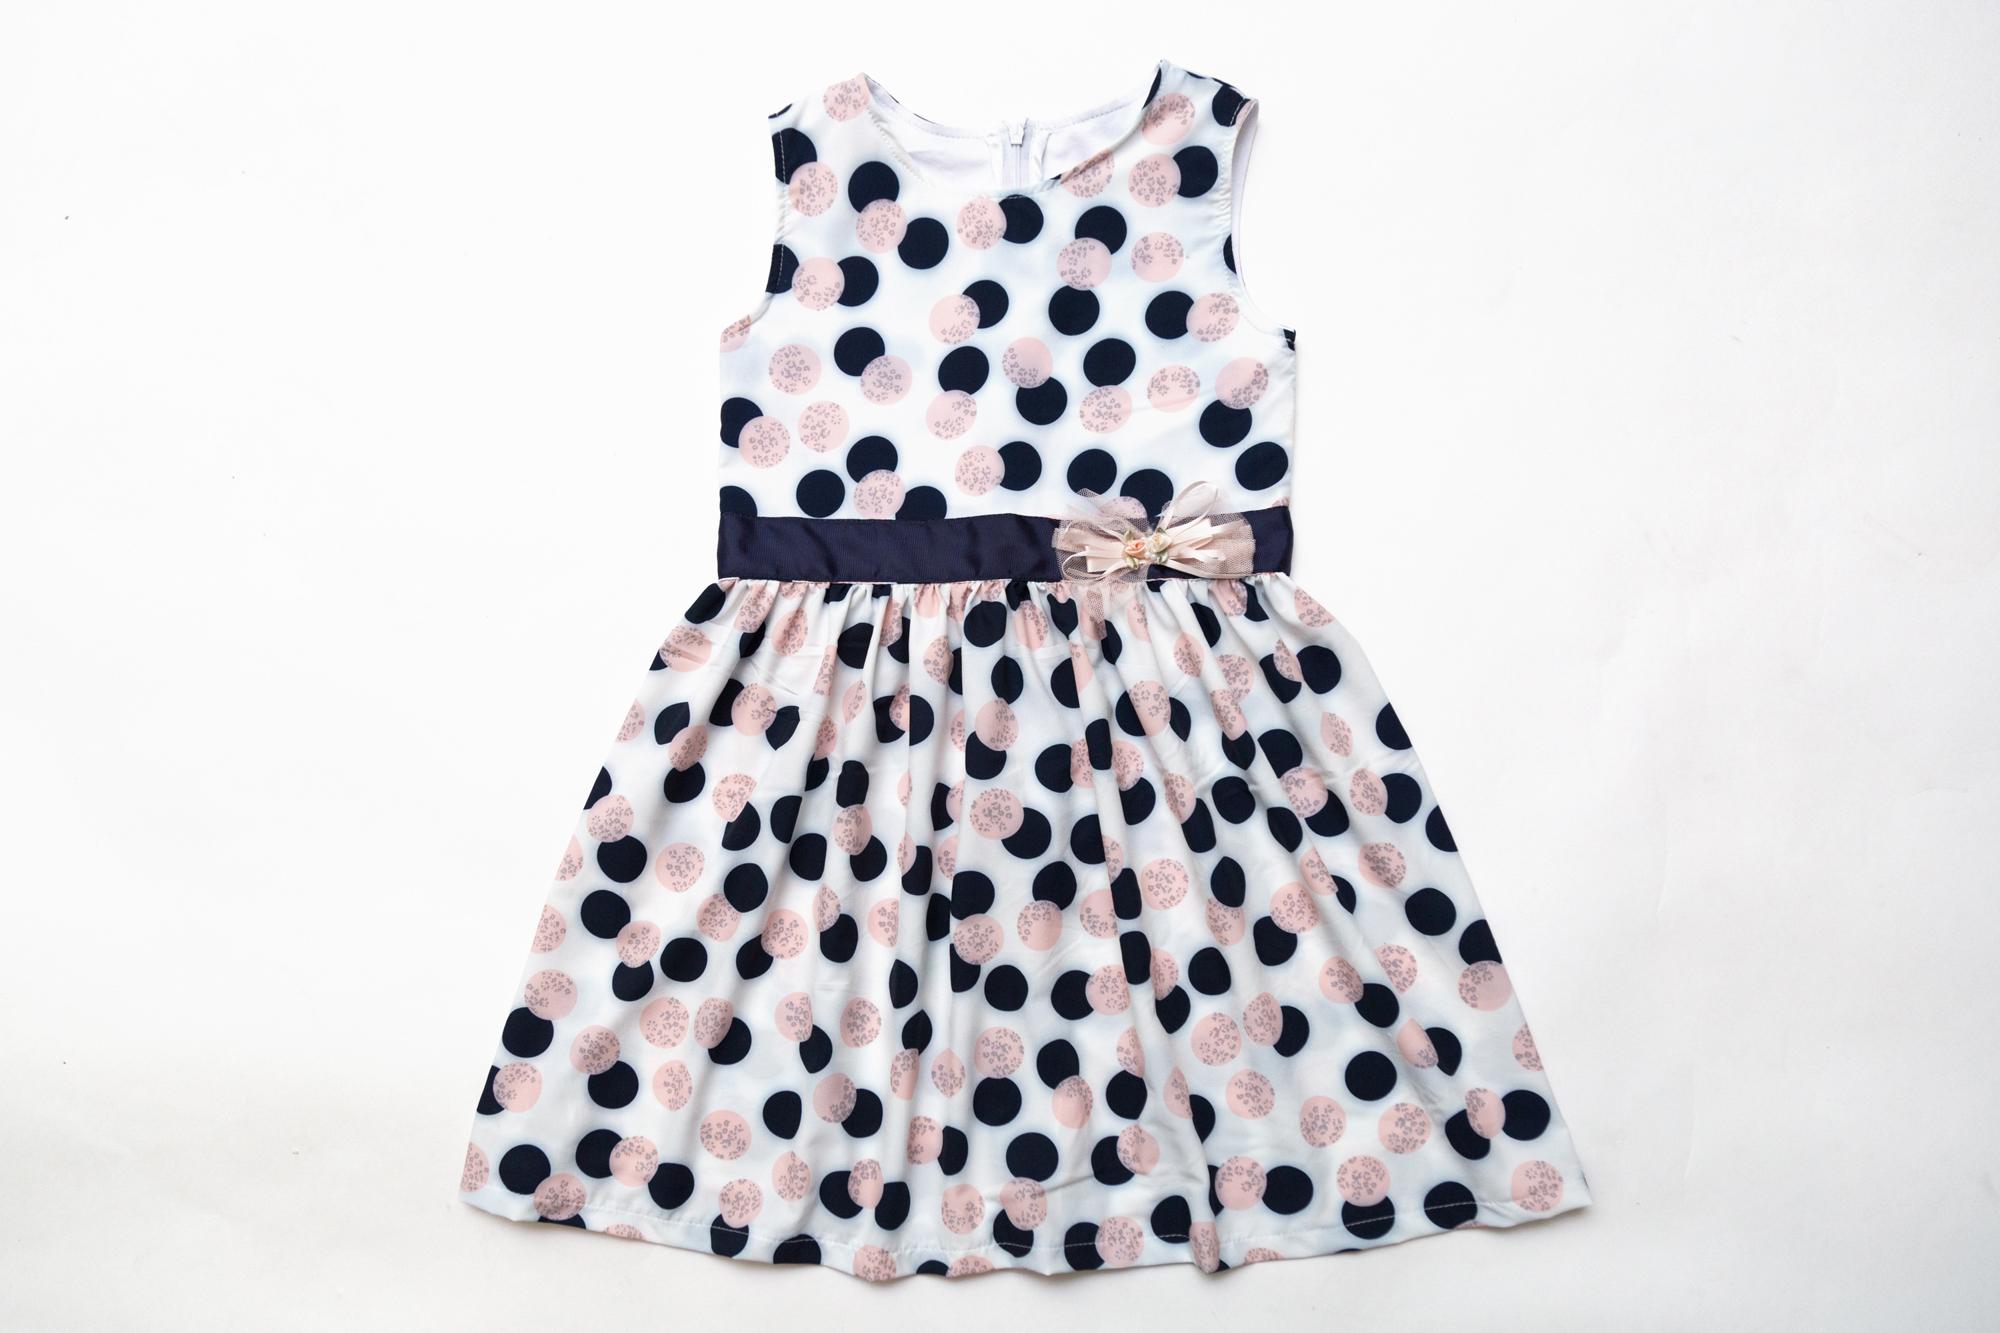 Платье SmileTime для девочки Connie, белое в горошек